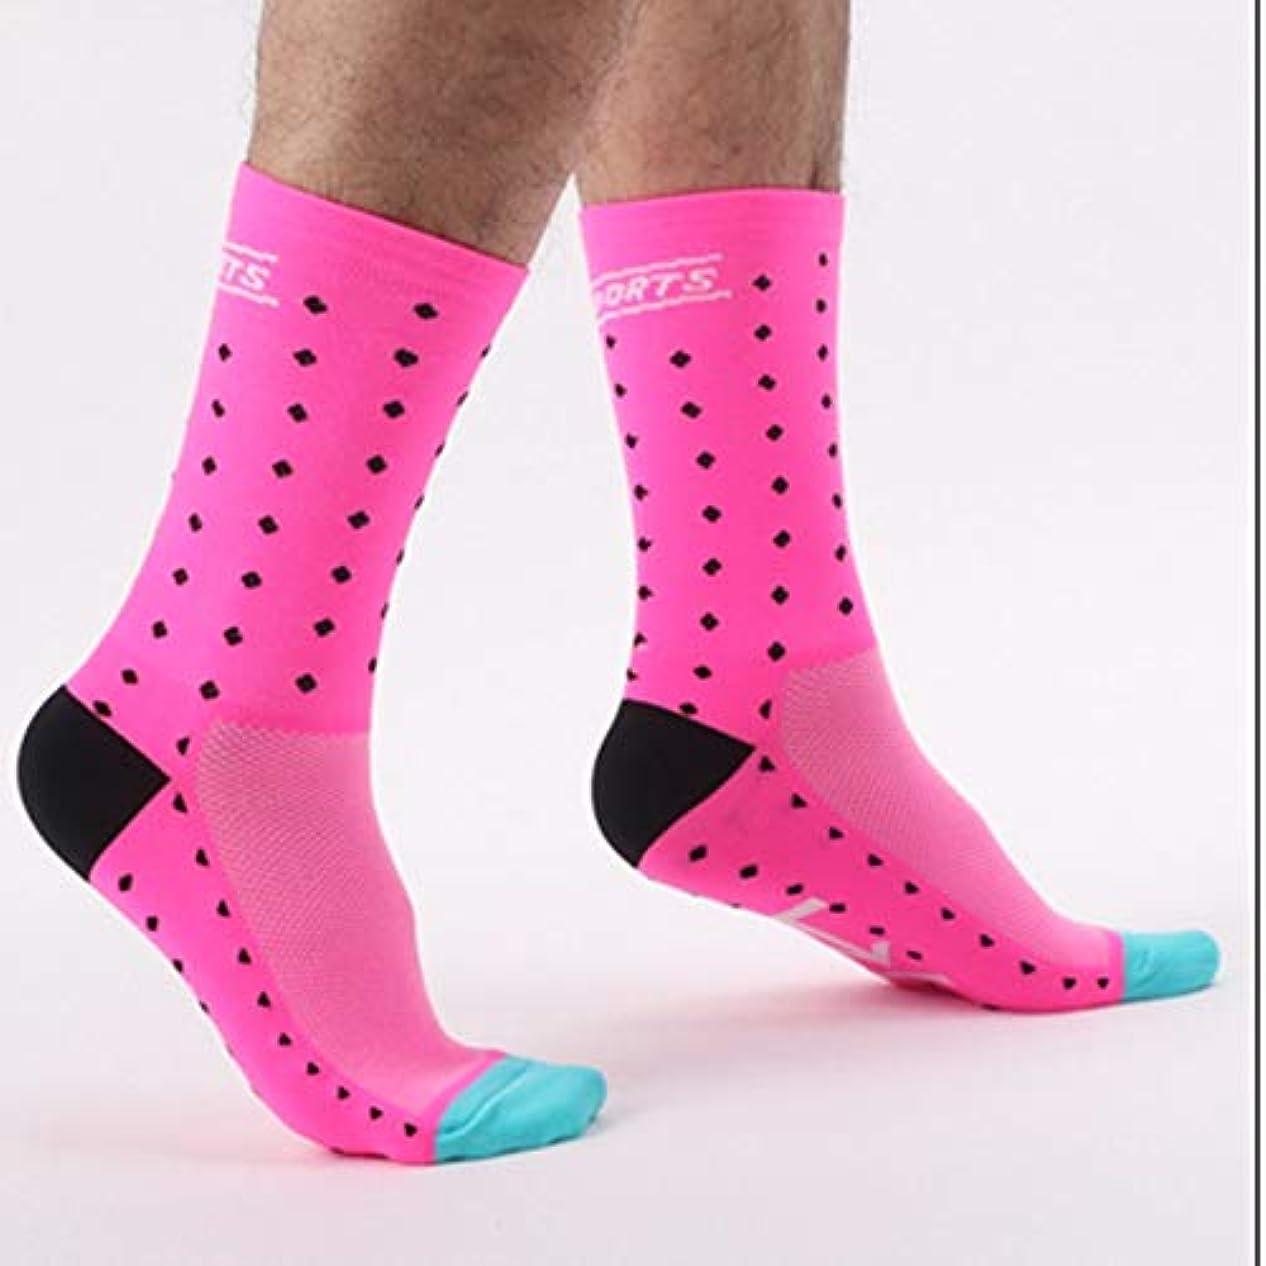 早く確認するラボDH04快適なファッショナブルな屋外サイクリングソックス男性女性プロの通気性スポーツソックスバスケットボールソックス - ピンク